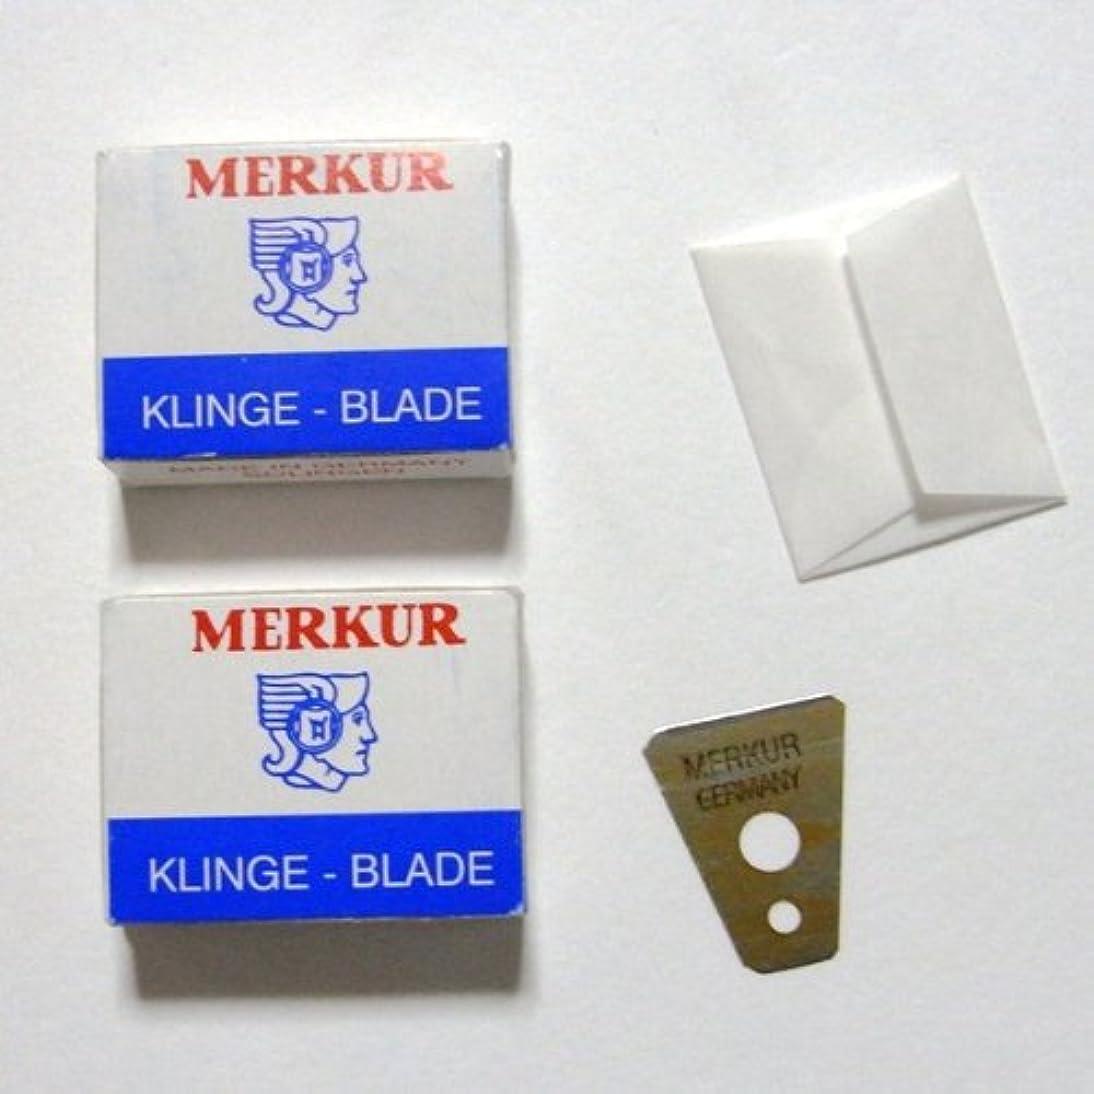 有効なコックメモゾーリンゲン(独)メルクールMERKUR口髭眉毛用カミソリ替刃20枚